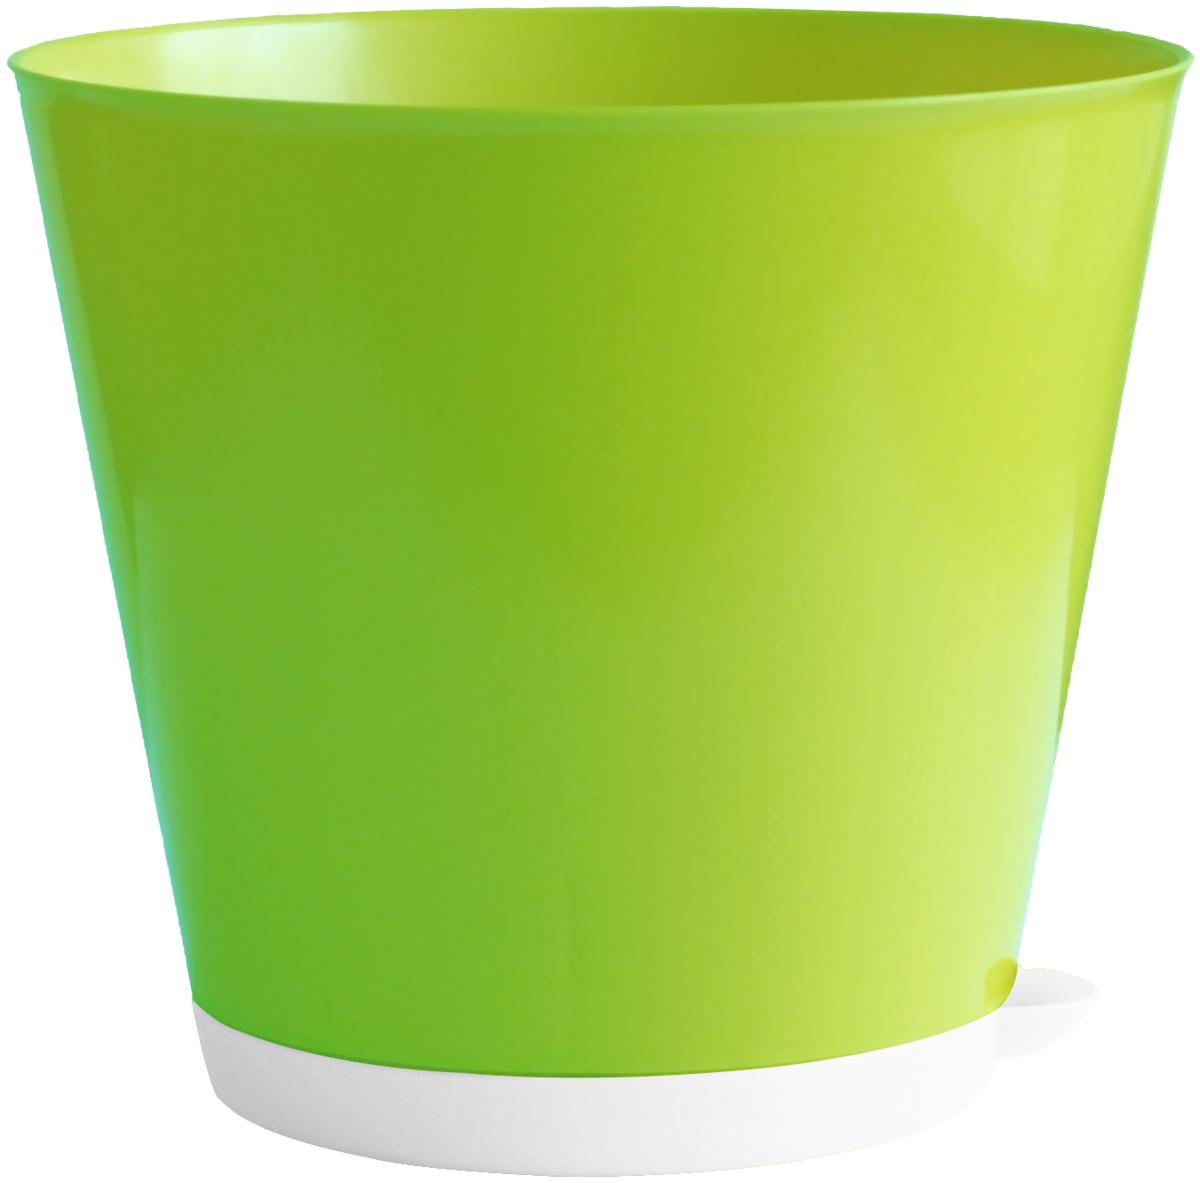 Горшок для цветов InGreen Крит, с системой прикорневого полива, цвет: зелено-желтый, диаметр 16 смING46016СЛ-16РSГоршок InGreen Крит, выполненный из высококачественного полипропилена (пластика), предназначен для выращивания комнатных цветов, растений и трав. Специальная конструкция обеспечивает вентиляцию в корневой системе растения, а дренажные отверстия позволяют выходить лишней влаге из почвы. Крепежные отверстия и штыри прочно крепят подставку к горшку. Прикорневой полив растения осуществляется через удобный носик. Система прикорневого полива позволяет оставлять комнатное растение без внимания тем, кто часто находится в командировках или собирается в отпуск и не имеет возможности вовремя поливать цветы. Такой горшок порадует вас современным дизайном и функциональностью, а также оригинально украсит интерьер любого помещения. Объем горшка: 1,8 л. Диаметр горшка (по верхнему краю): 16 см. Высота горшка: 14,7 см.